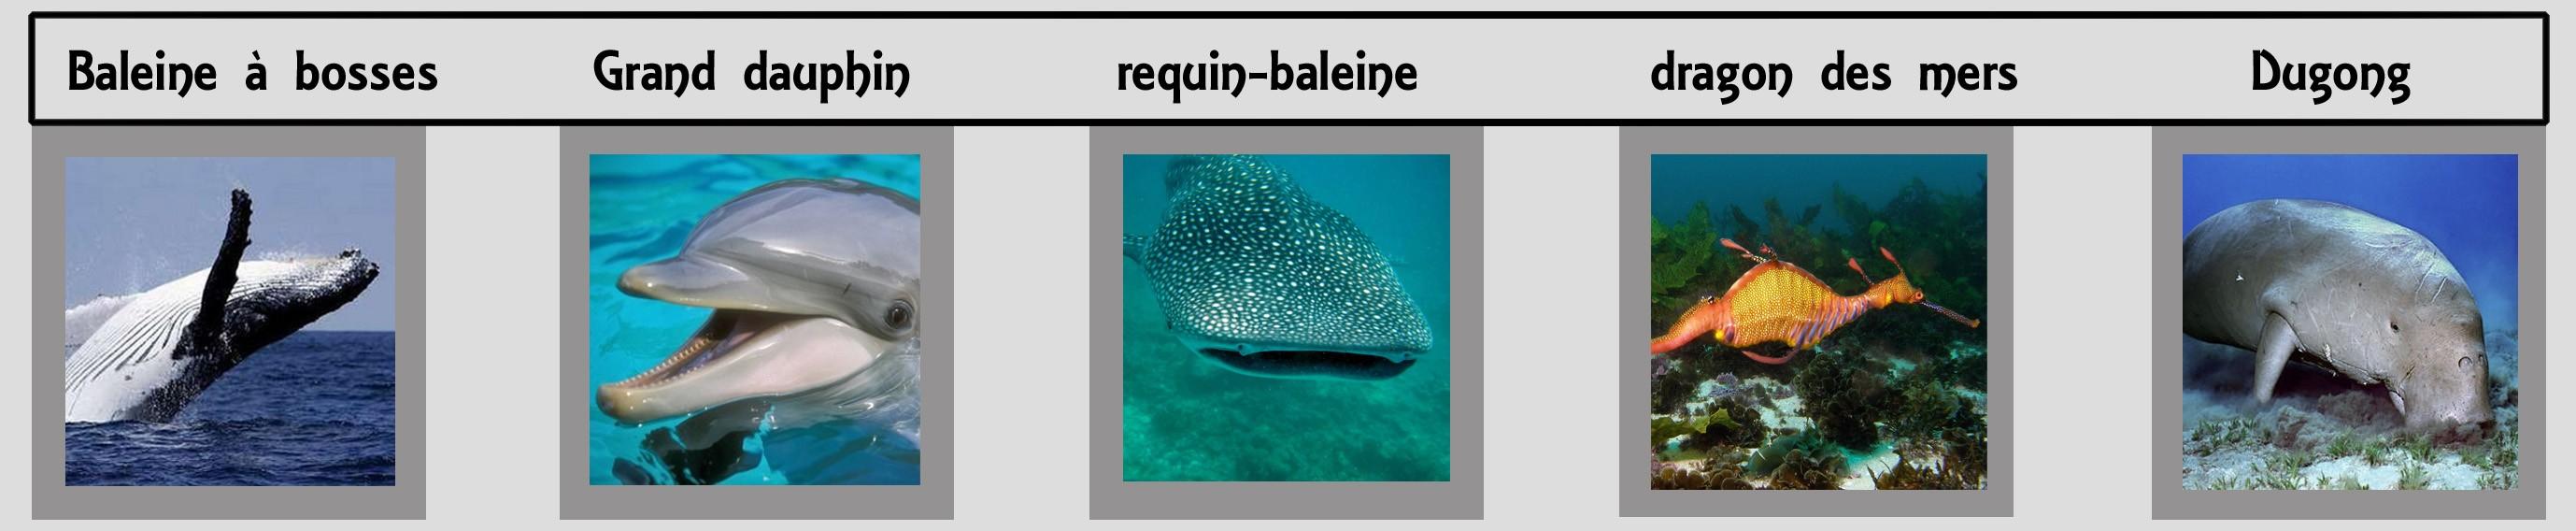 bannière des animaux des fonds marins ancérien